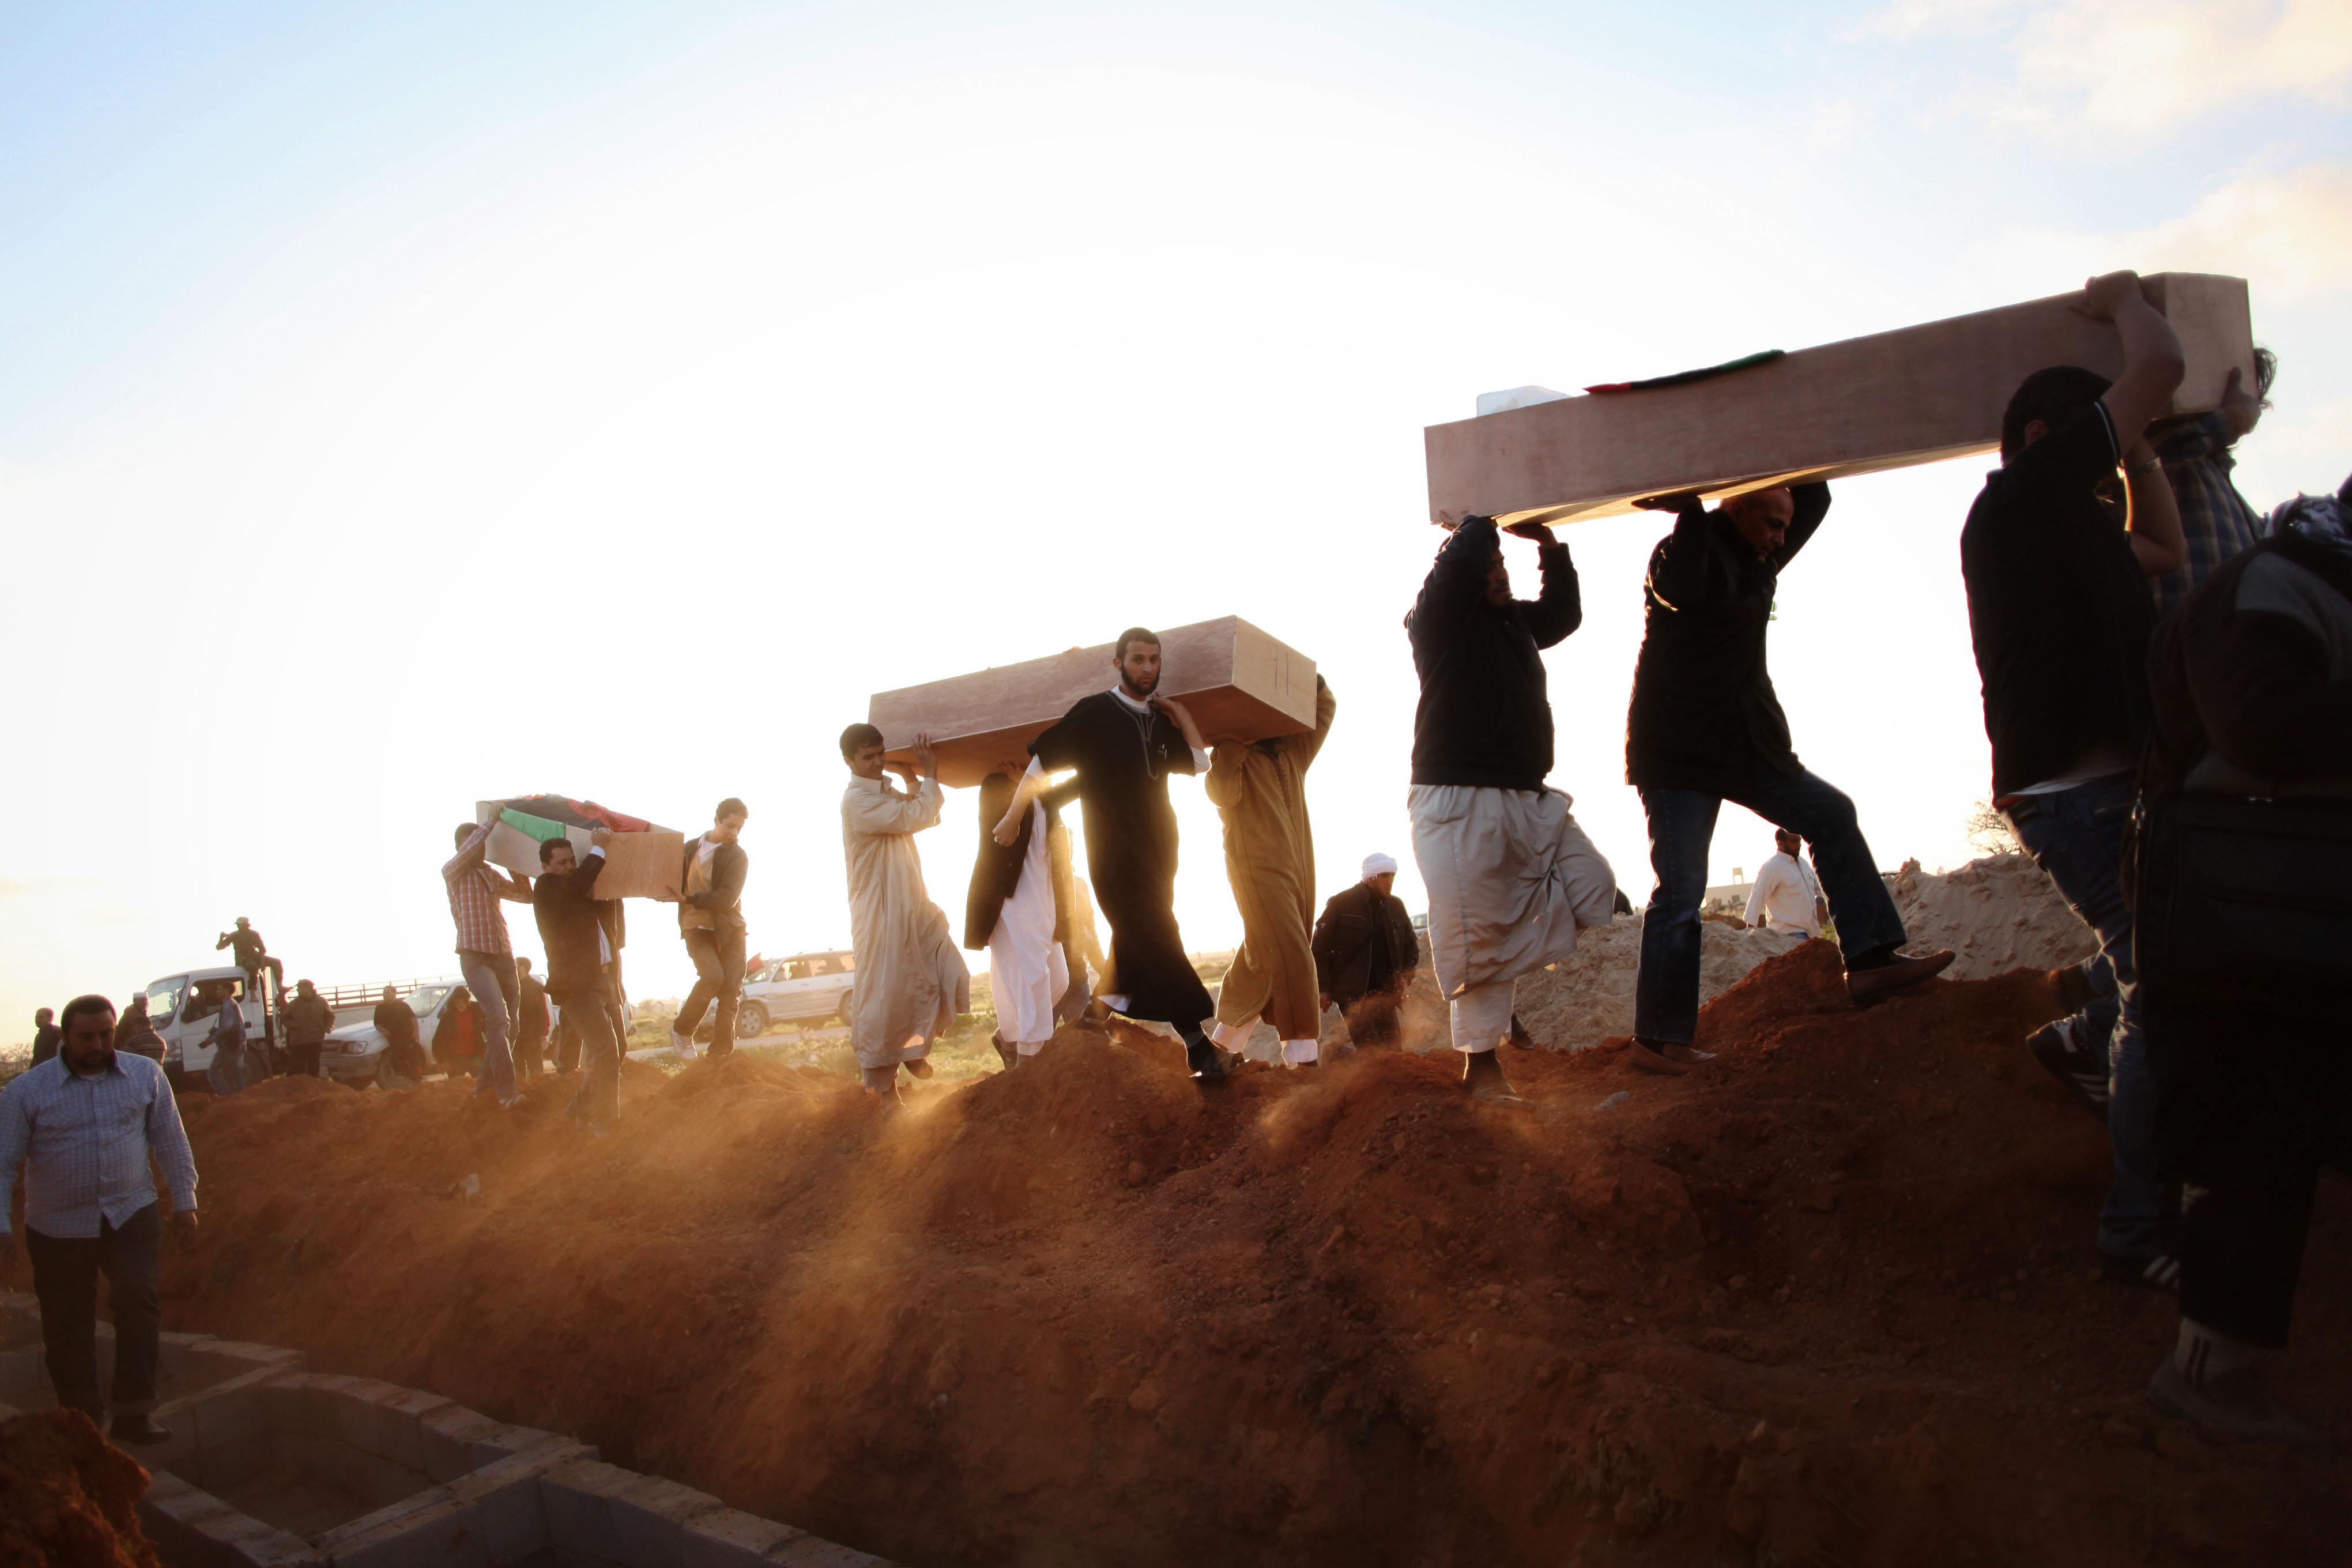 110 πτώματα ανασύρθηκαν από ομαδικό τάφο σε πόλη της Λιβύης που ήταν προπύργιο του Ισλαμικού